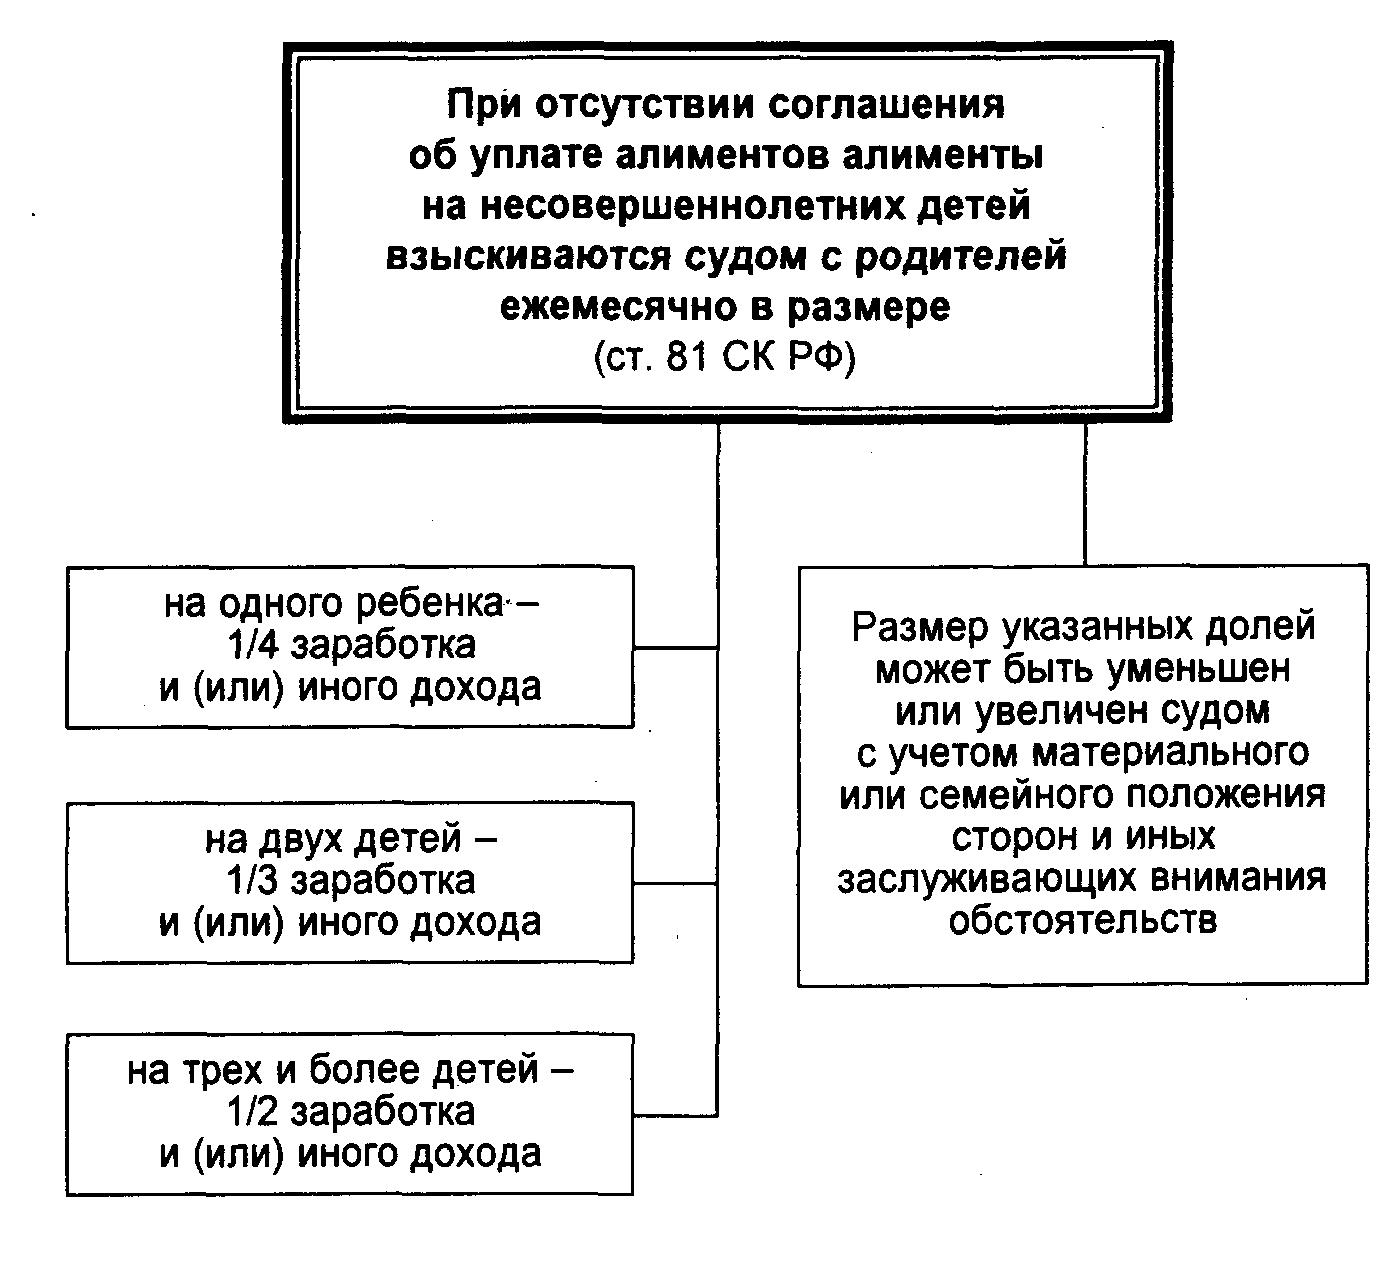 81 статья Семейного кодекса РФ